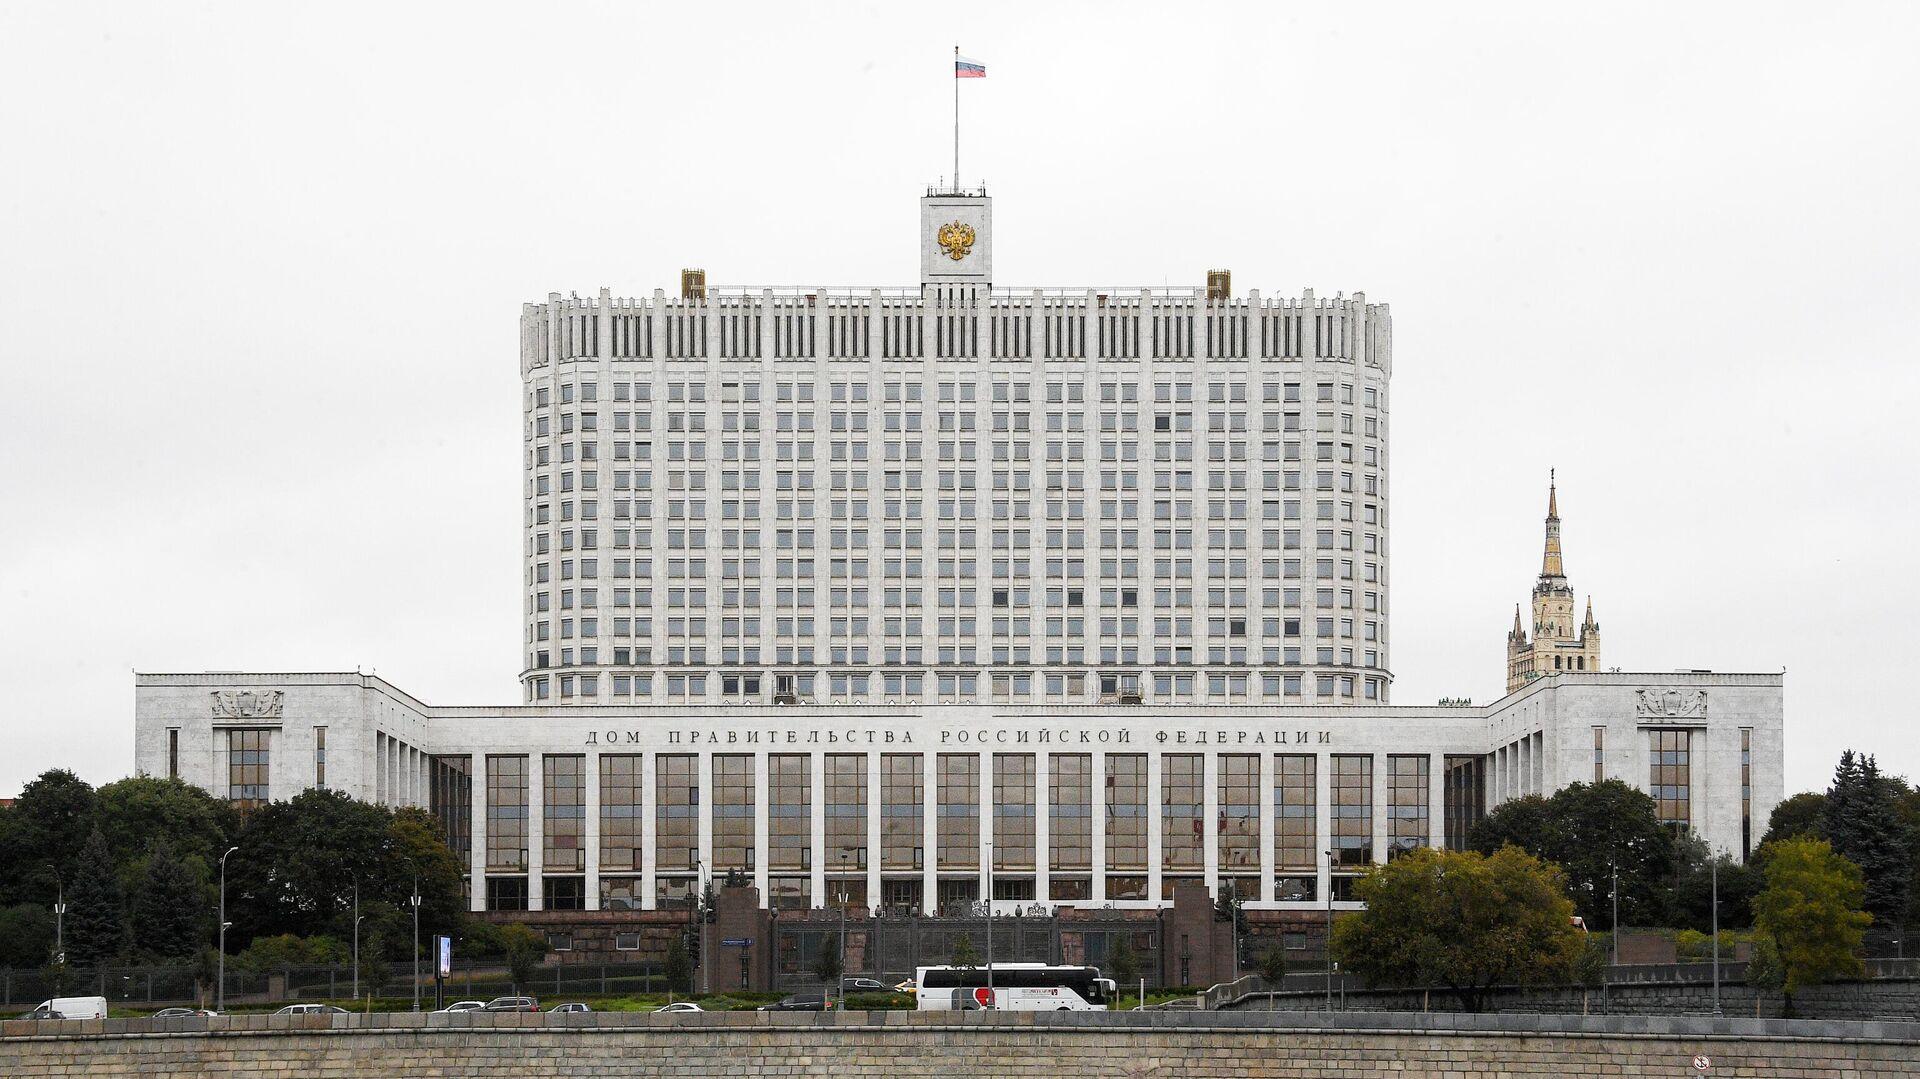 Дом Правительства Российской Федерации - РИА Новости, 1920, 19.04.2021